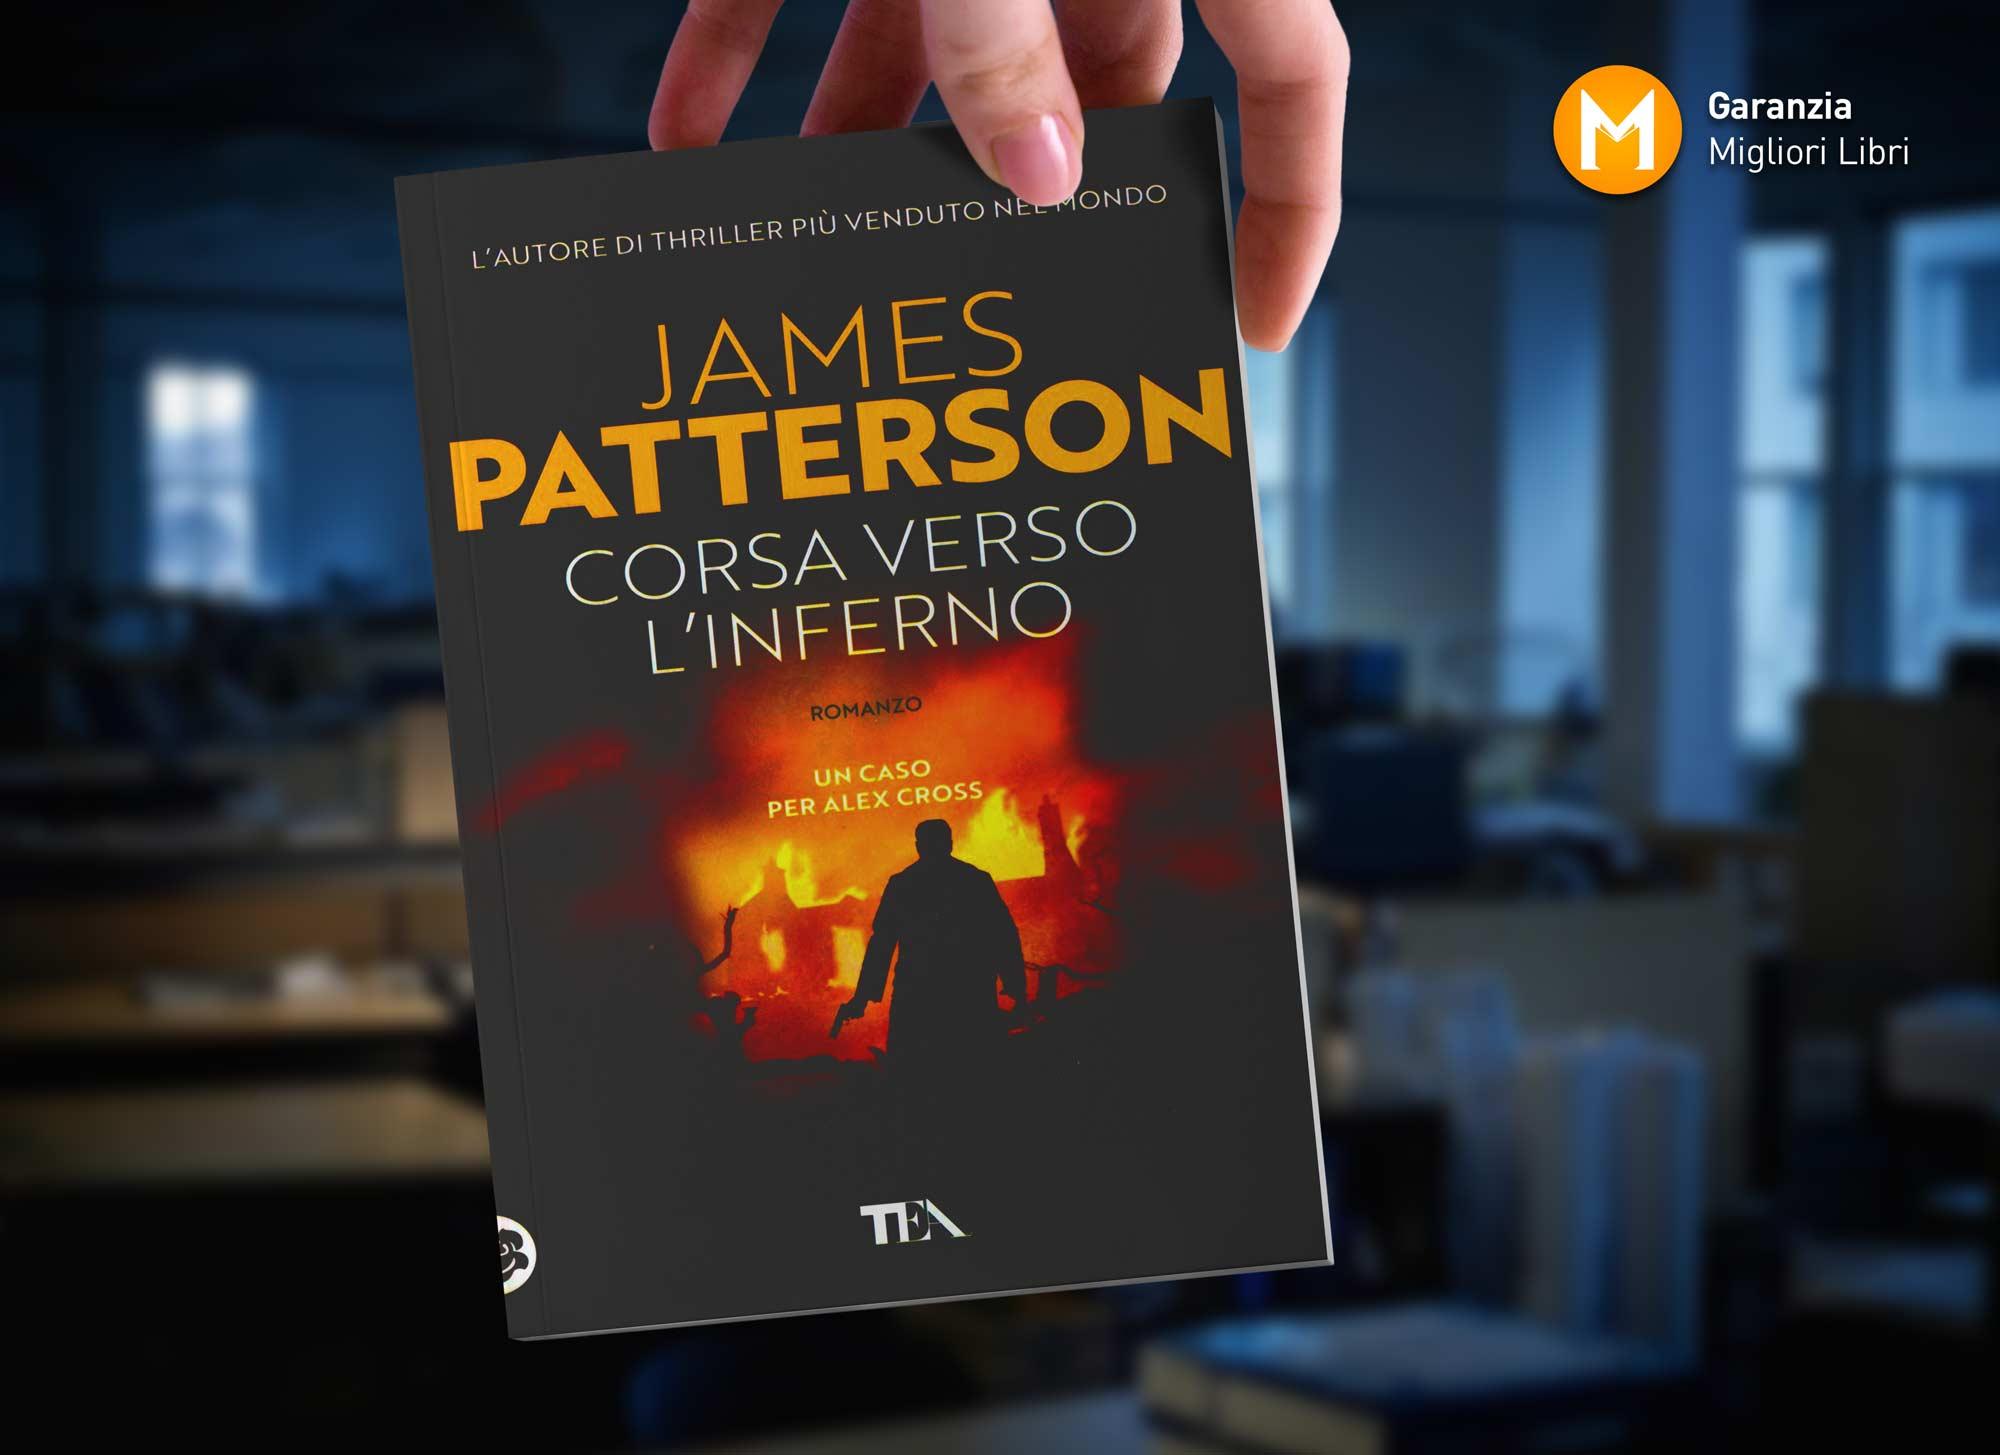 miglior-libro-james-patterson-inferno